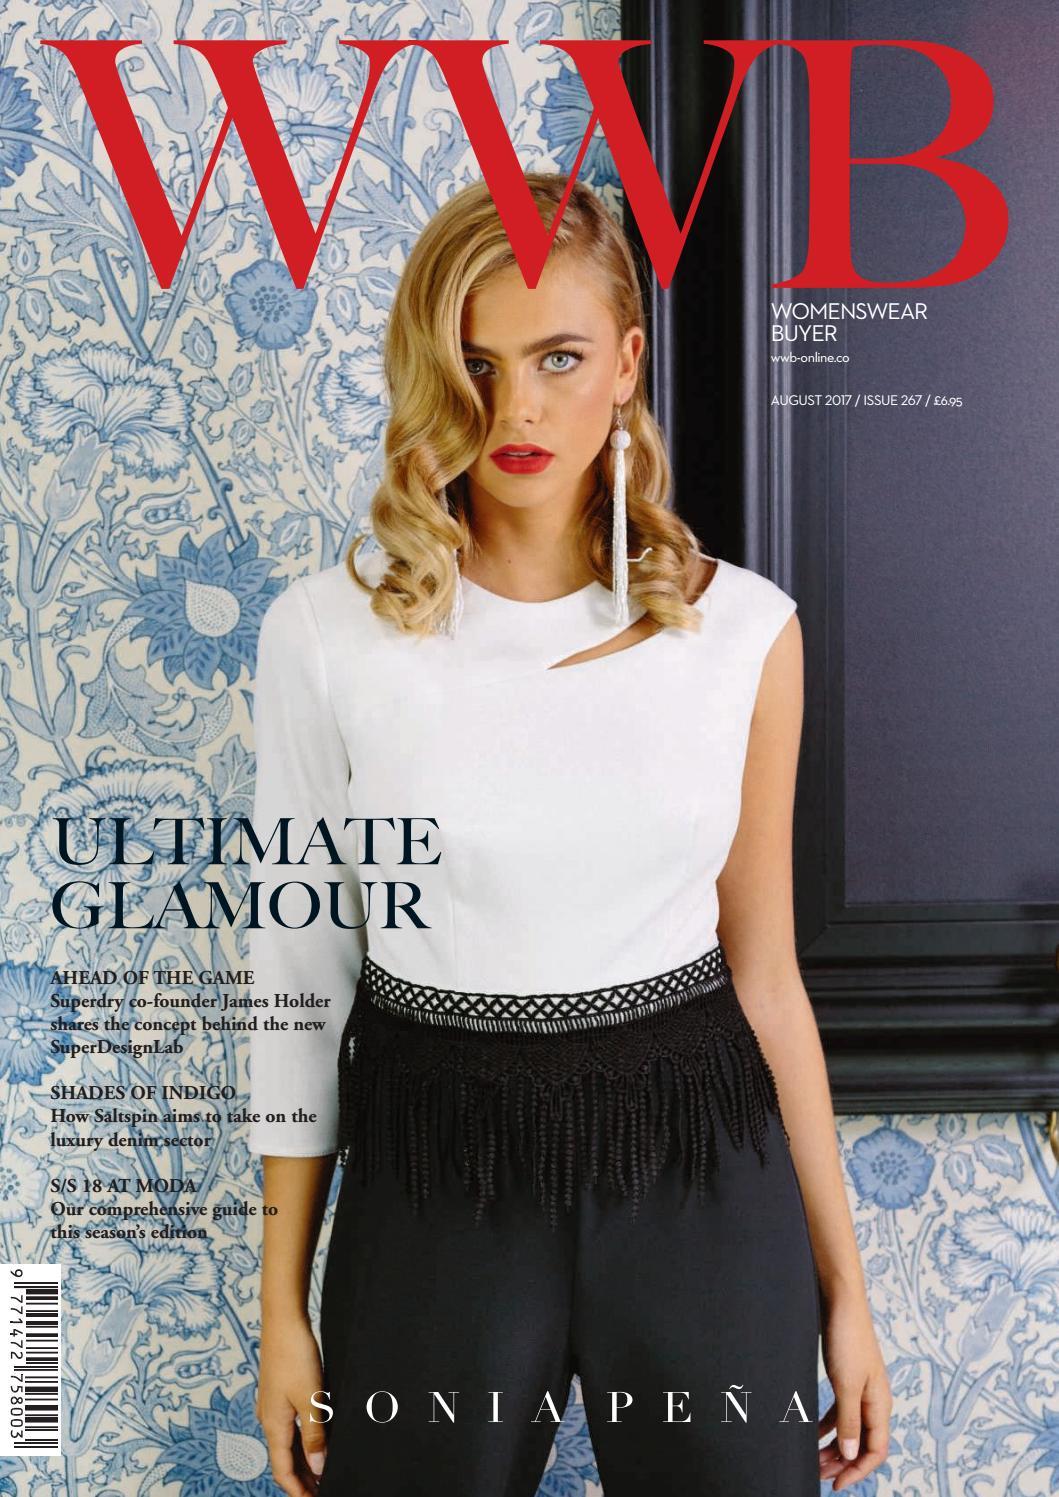 41231efd33965 WWB MAGAZINE AUGUST 2017 ISSUE 267 by fashion buyers Ltd - issuu